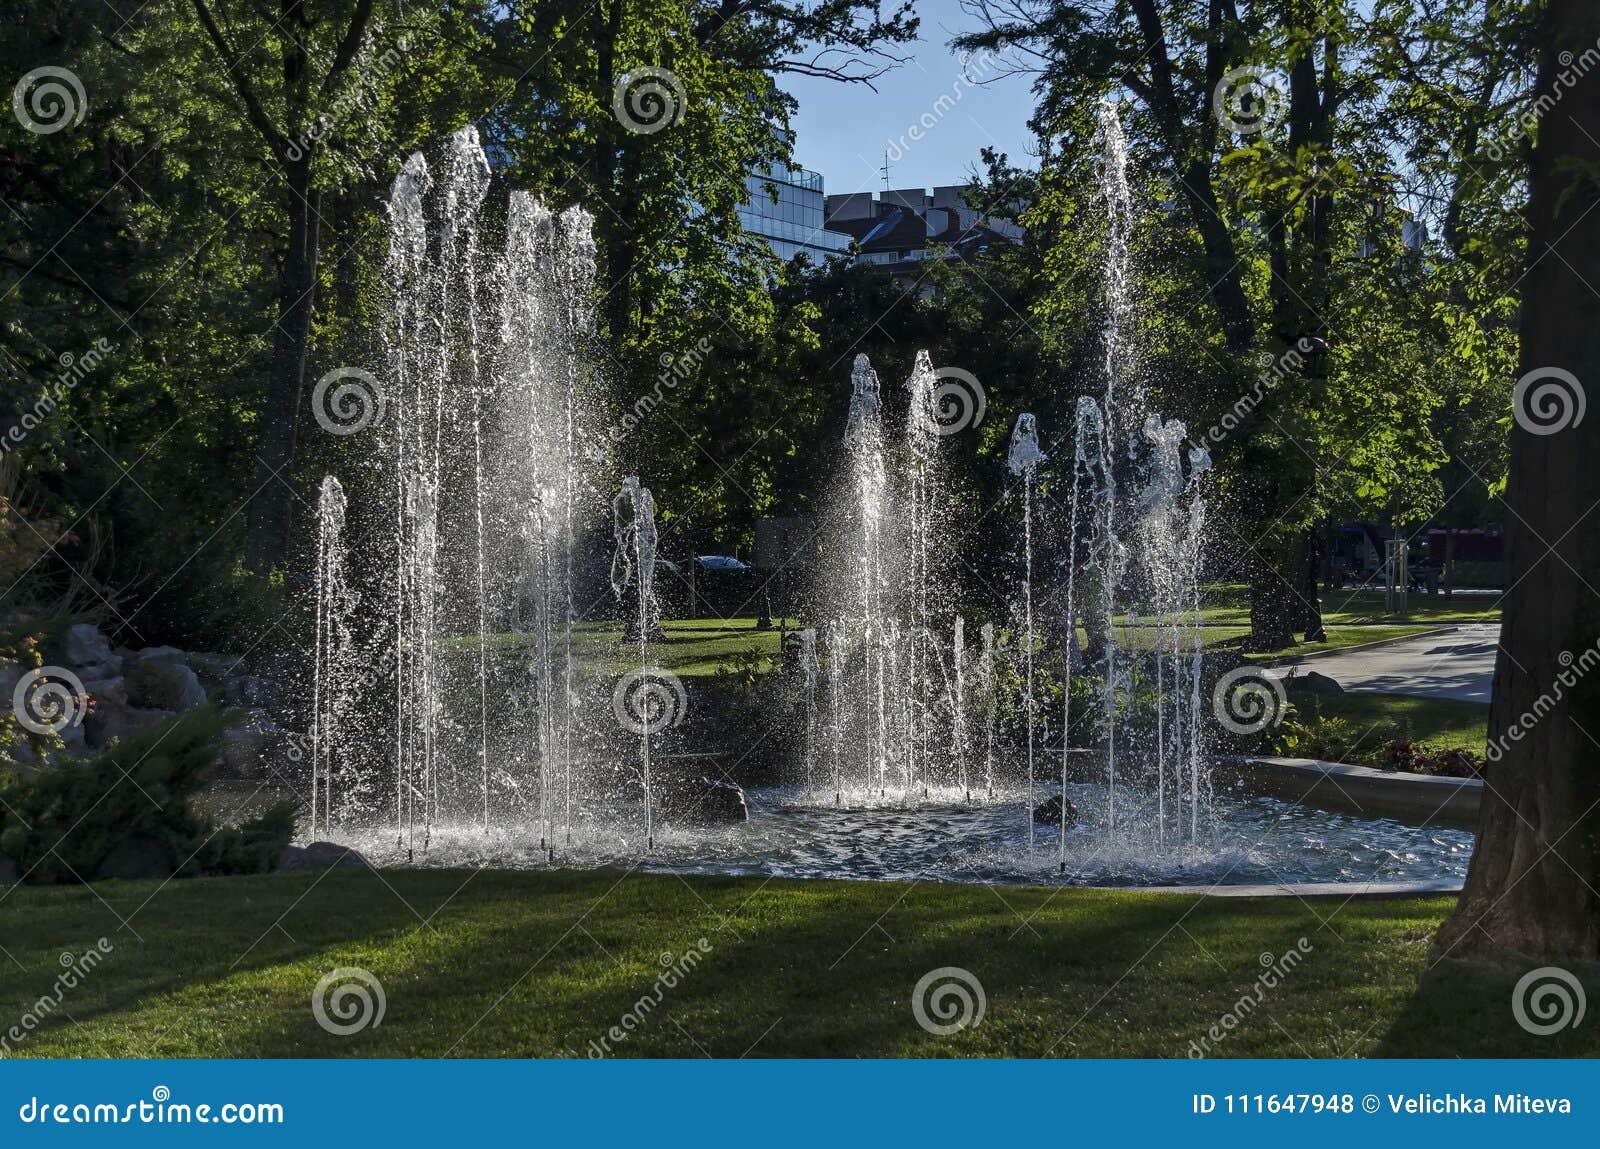 Grupo De Las Pequenas Fuentes De Agua Que Fluyen En Jardin De - Diseo-de-fuentes-de-agua